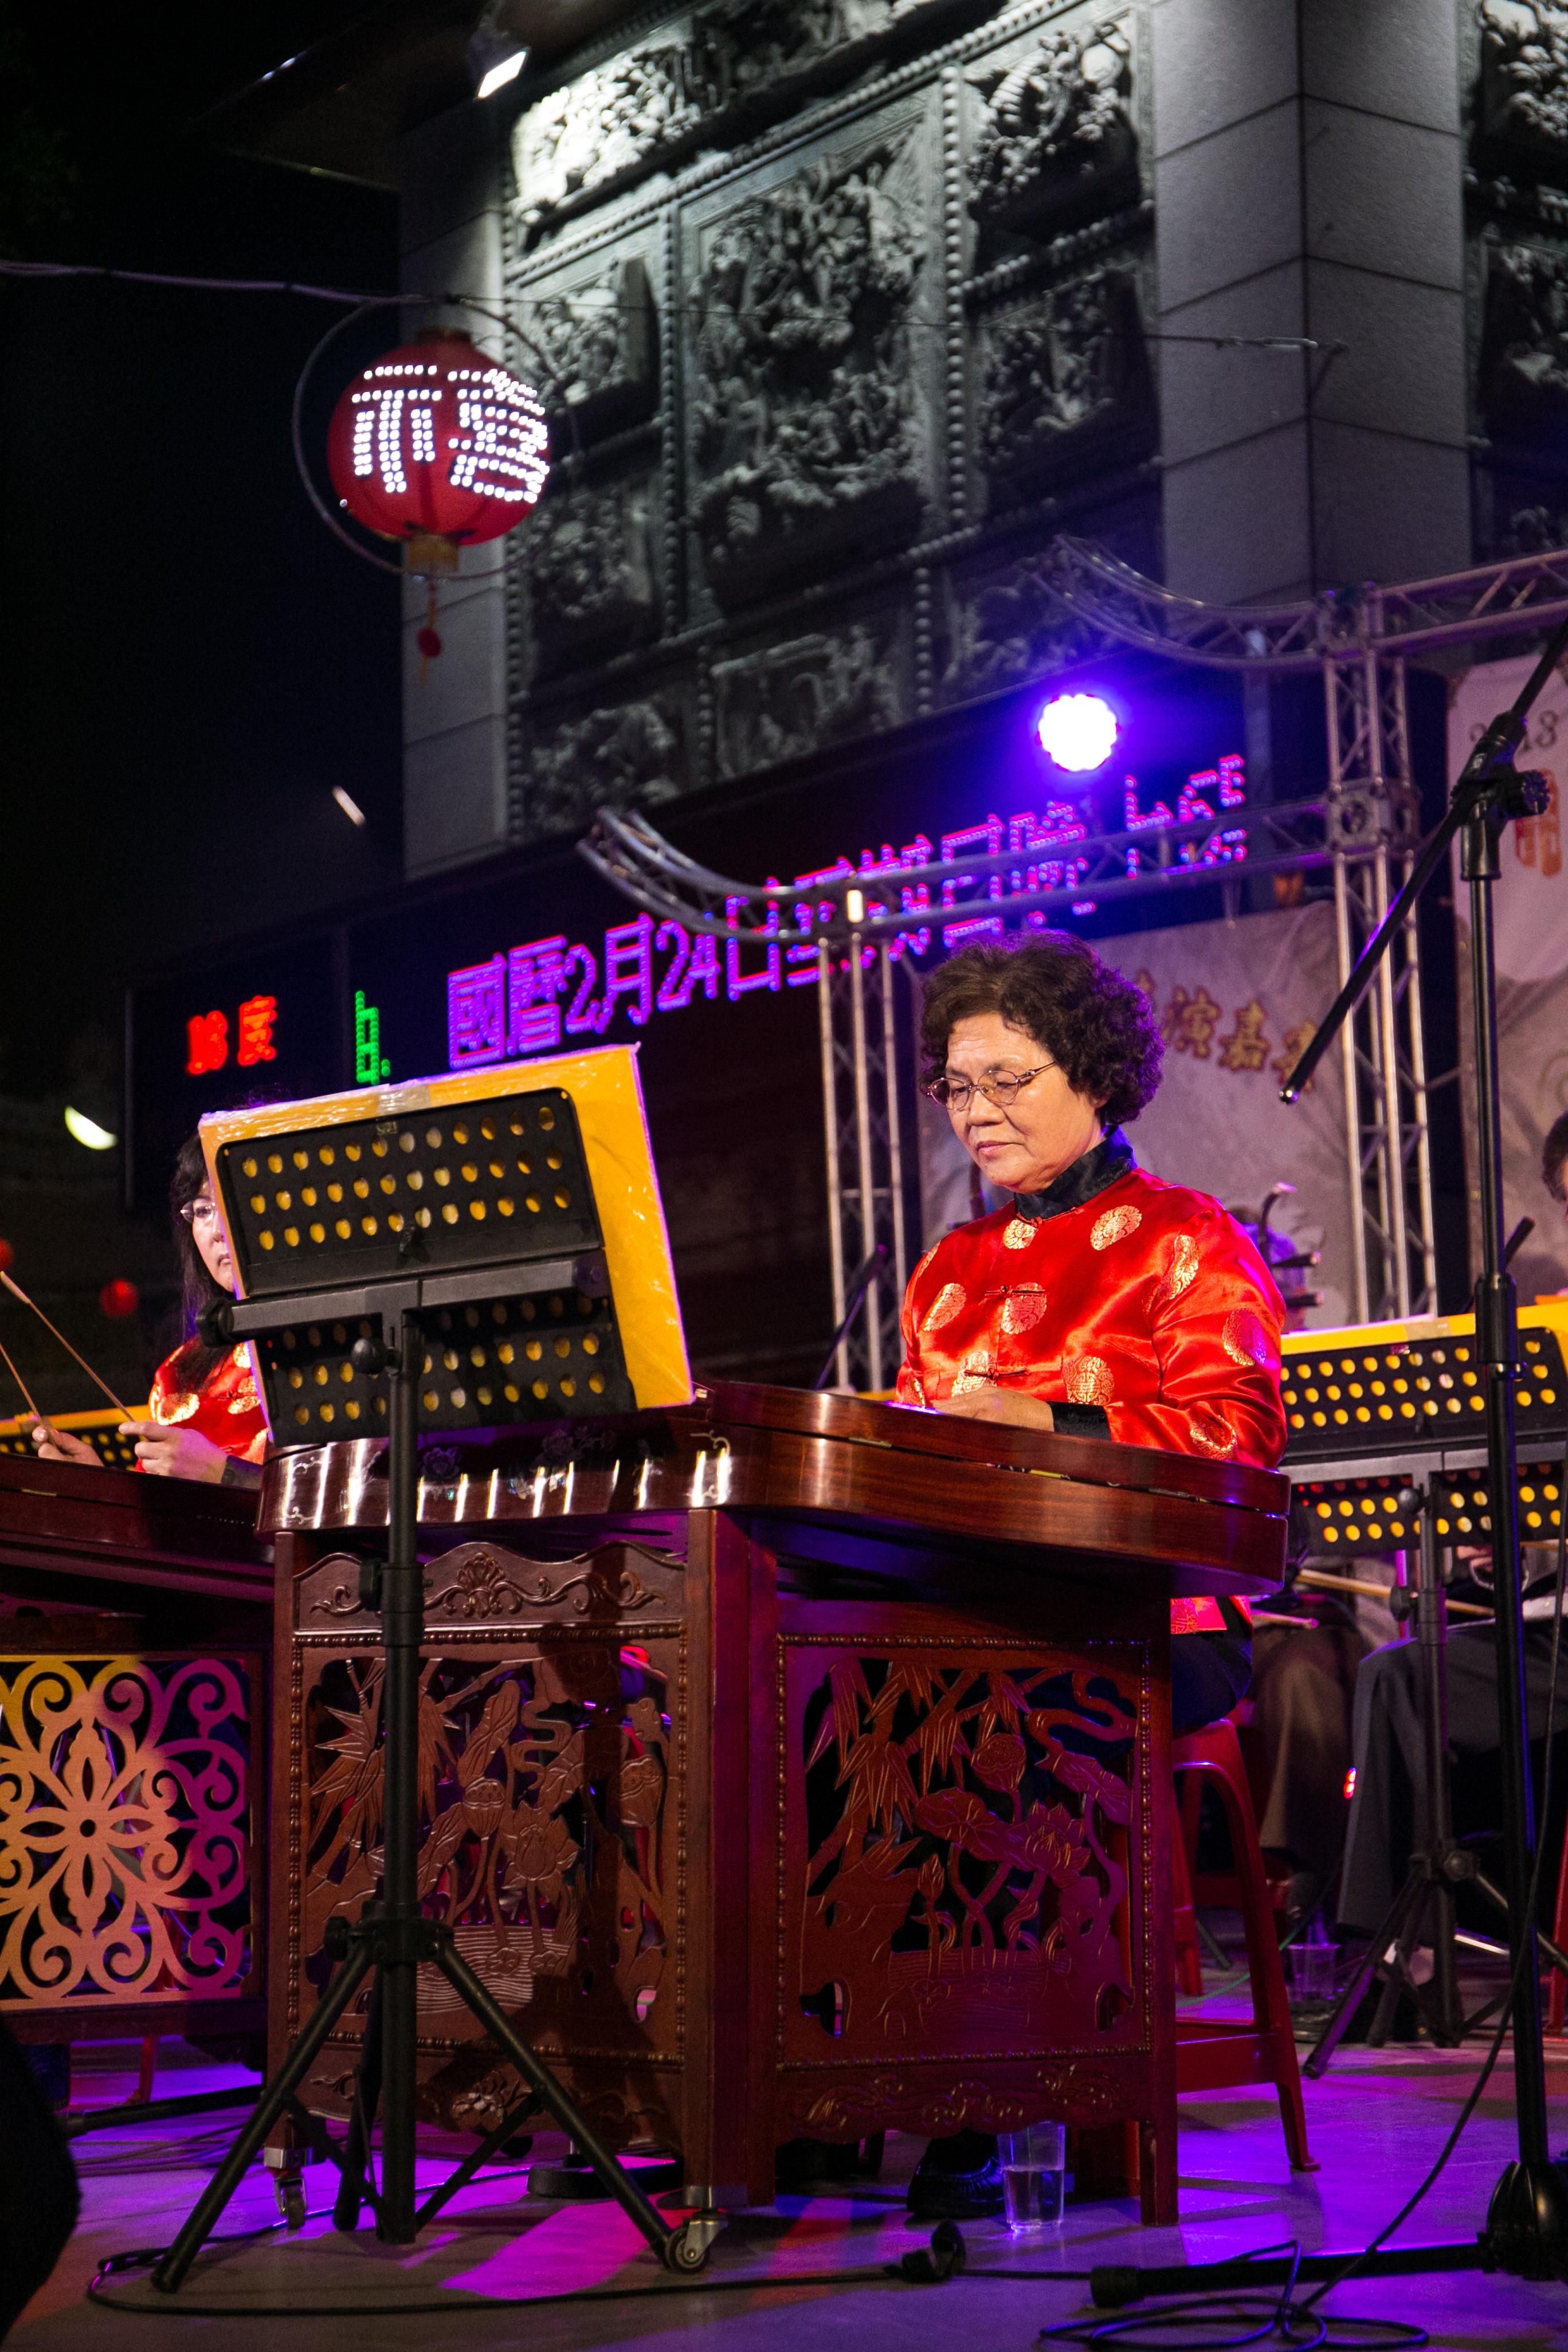 臺中媽祖國際觀光文化節在樂成宮,活動紀錄拍攝者台中婚錄張西米2